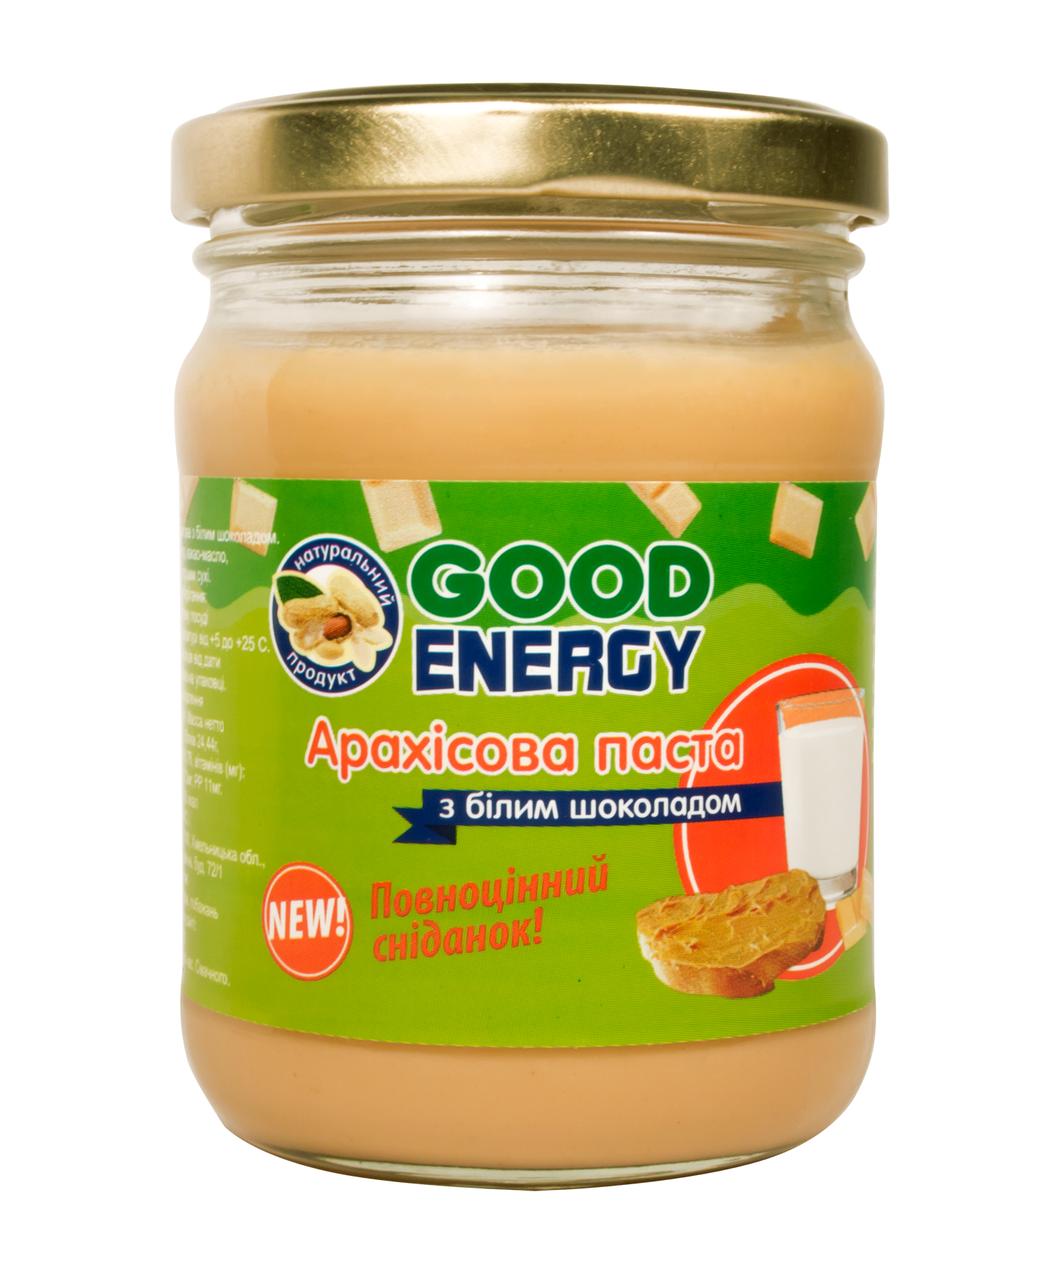 Арахисовая паста (арахисовое масло) с белым шоколадом, 460 г.